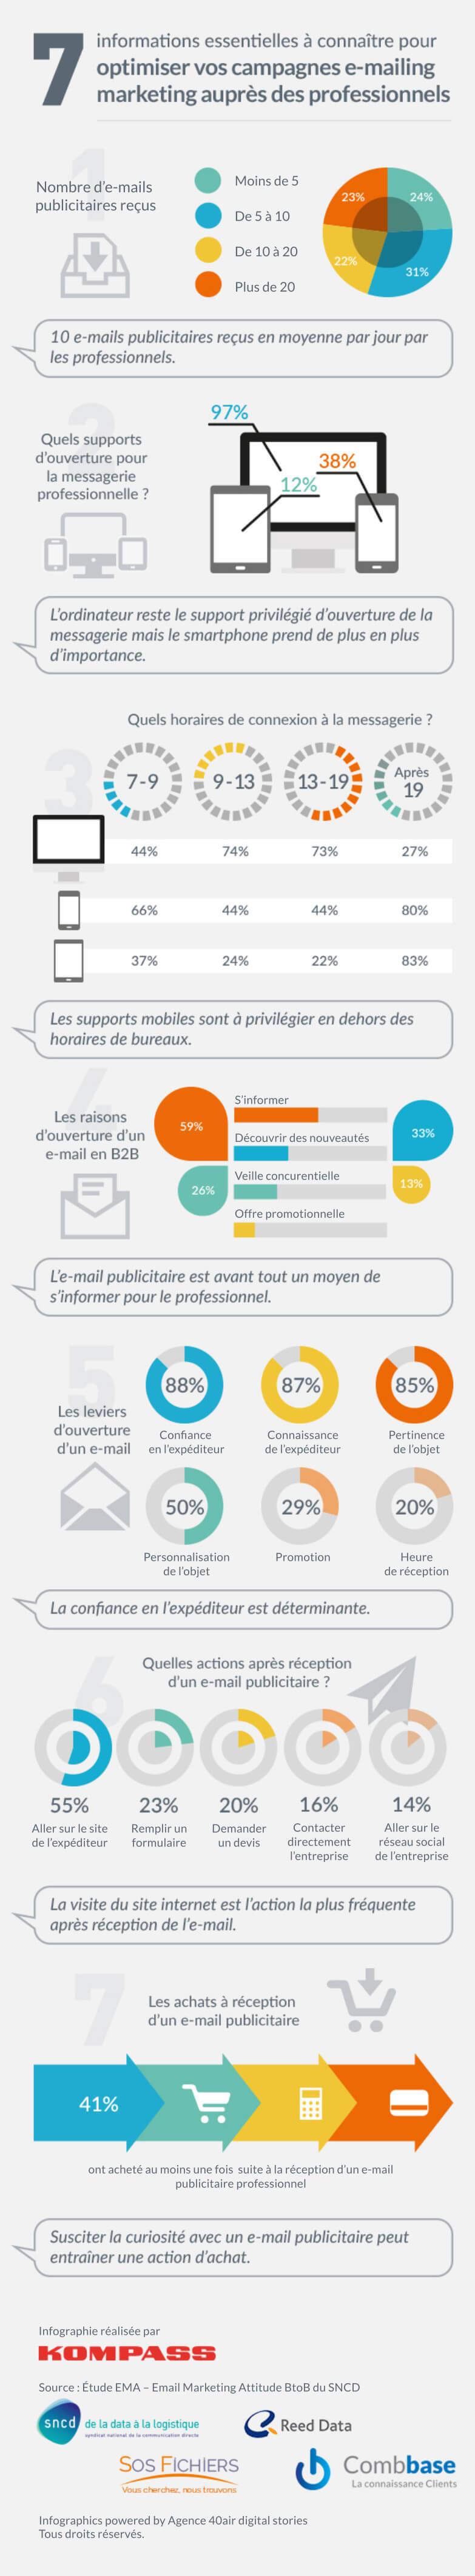 7 tendances sur l'email et les professionnels en 2016